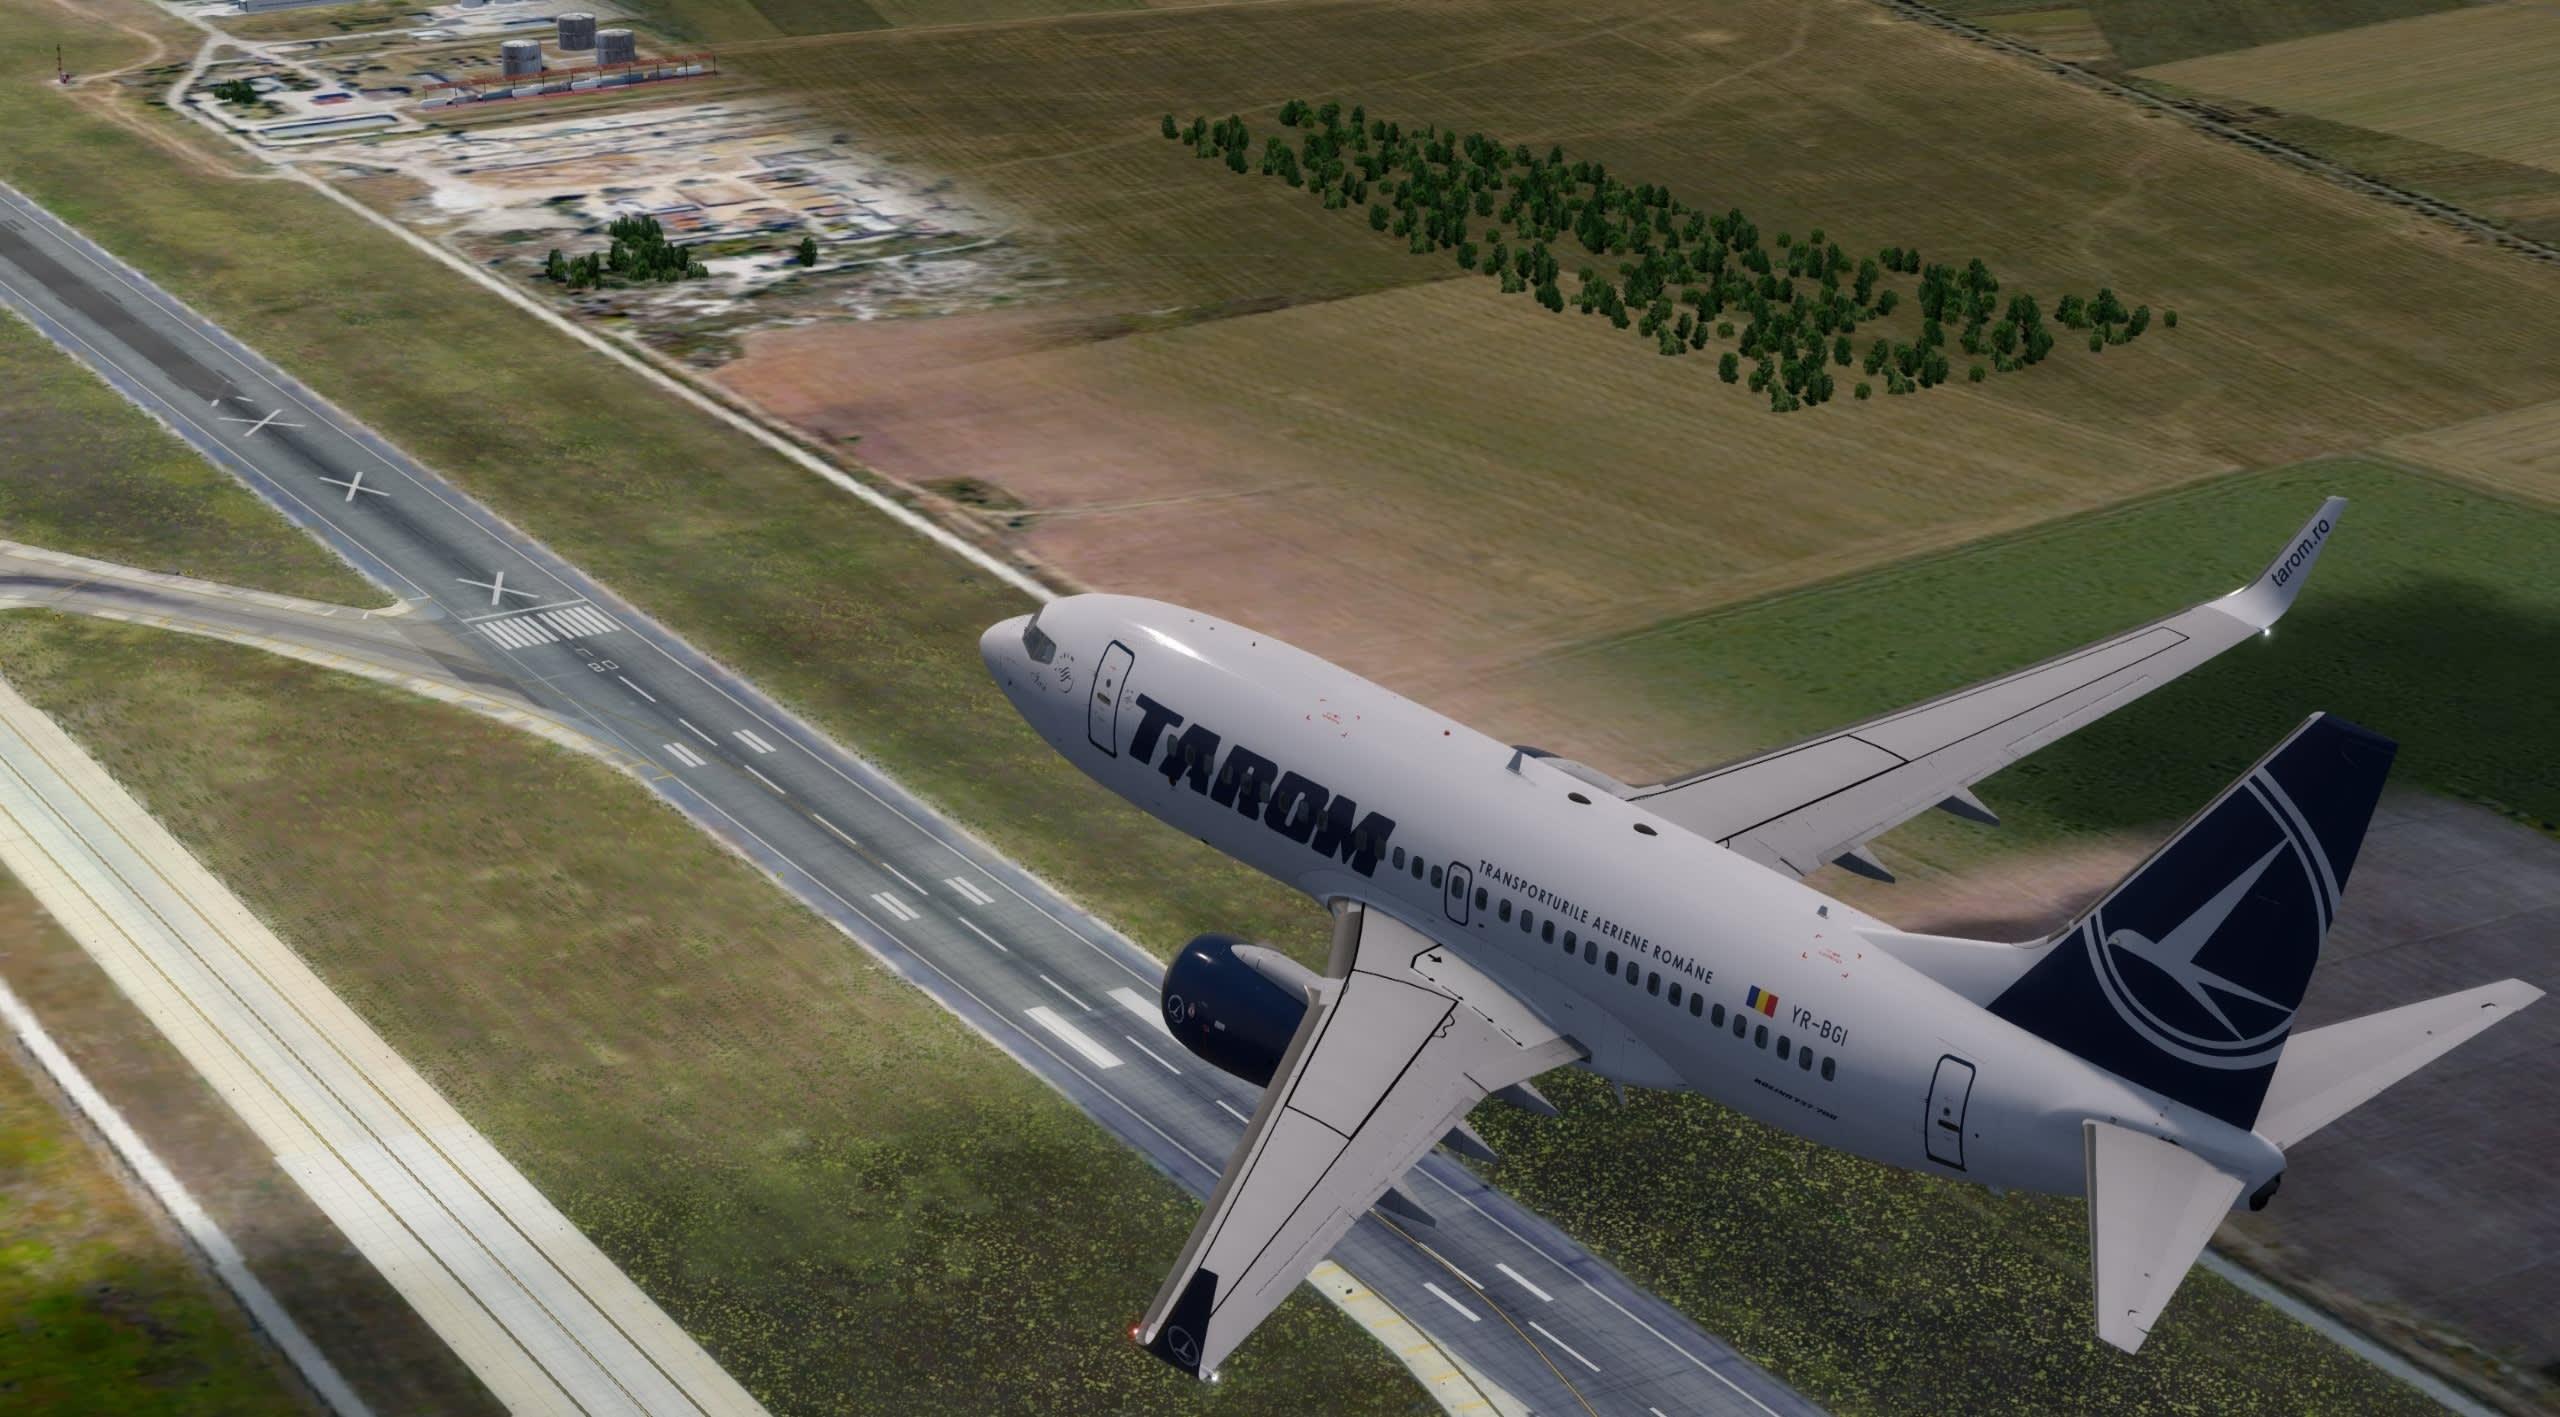 Tarom Czech airlines tour